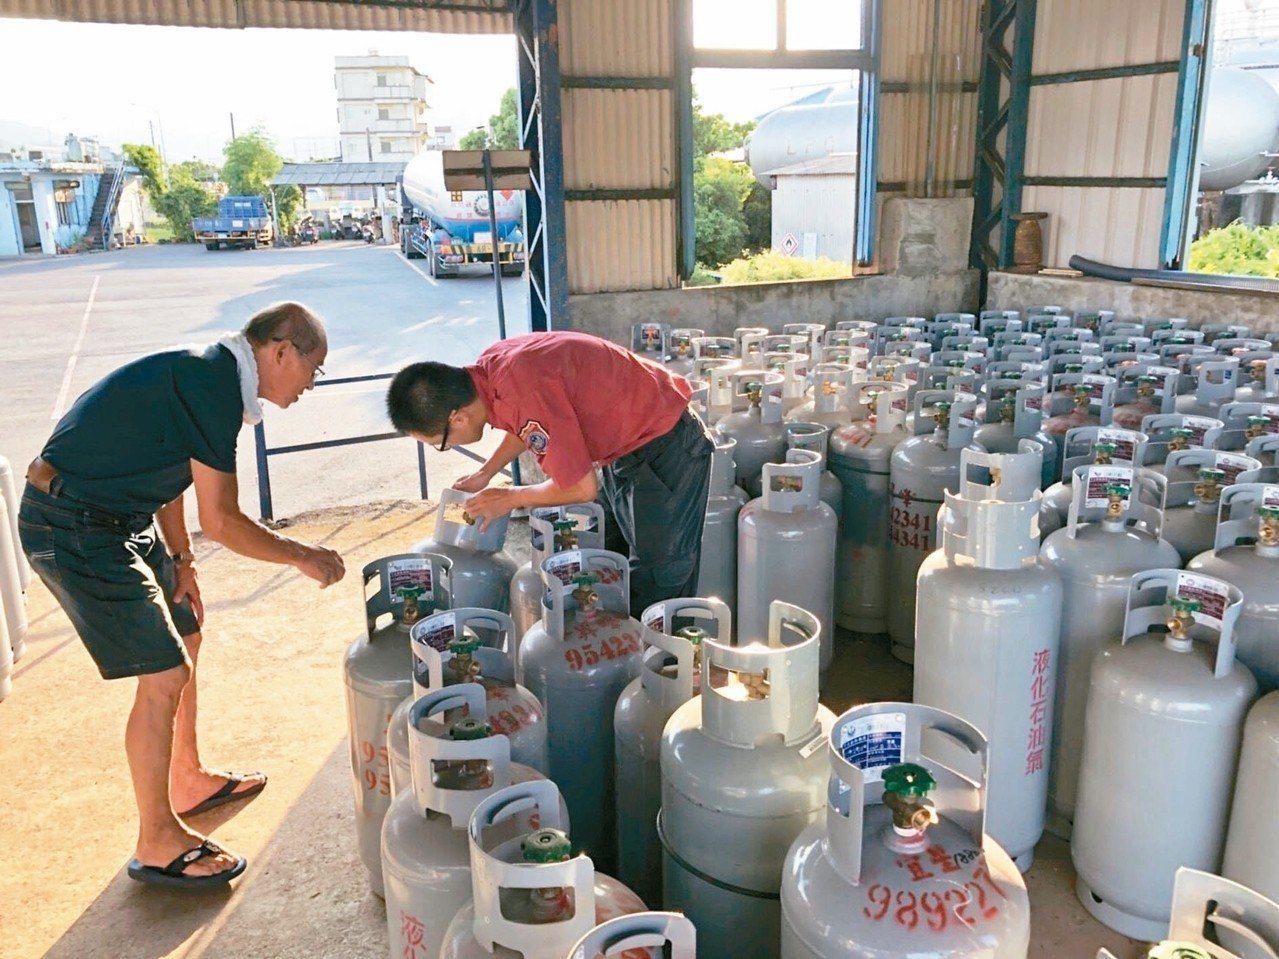 宜蘭縣府消保官昨查獲會漏氣的問題鋼瓶。 圖/宜蘭縣消防局提供